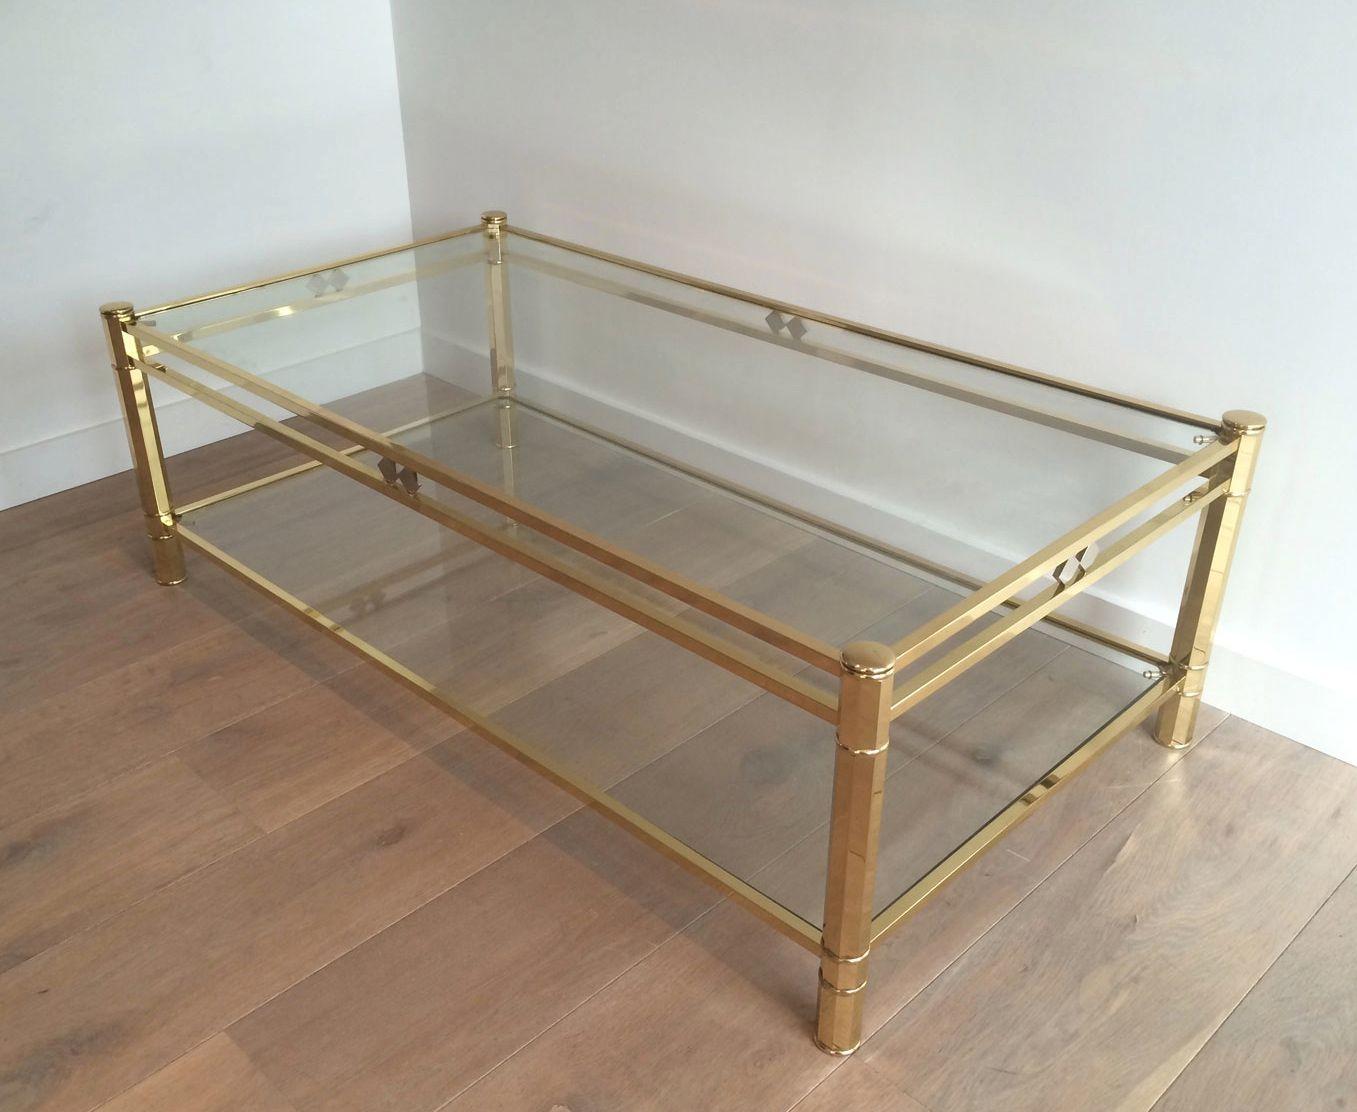 table basse laiton chrome 1970s en vente sur pamono. Black Bedroom Furniture Sets. Home Design Ideas